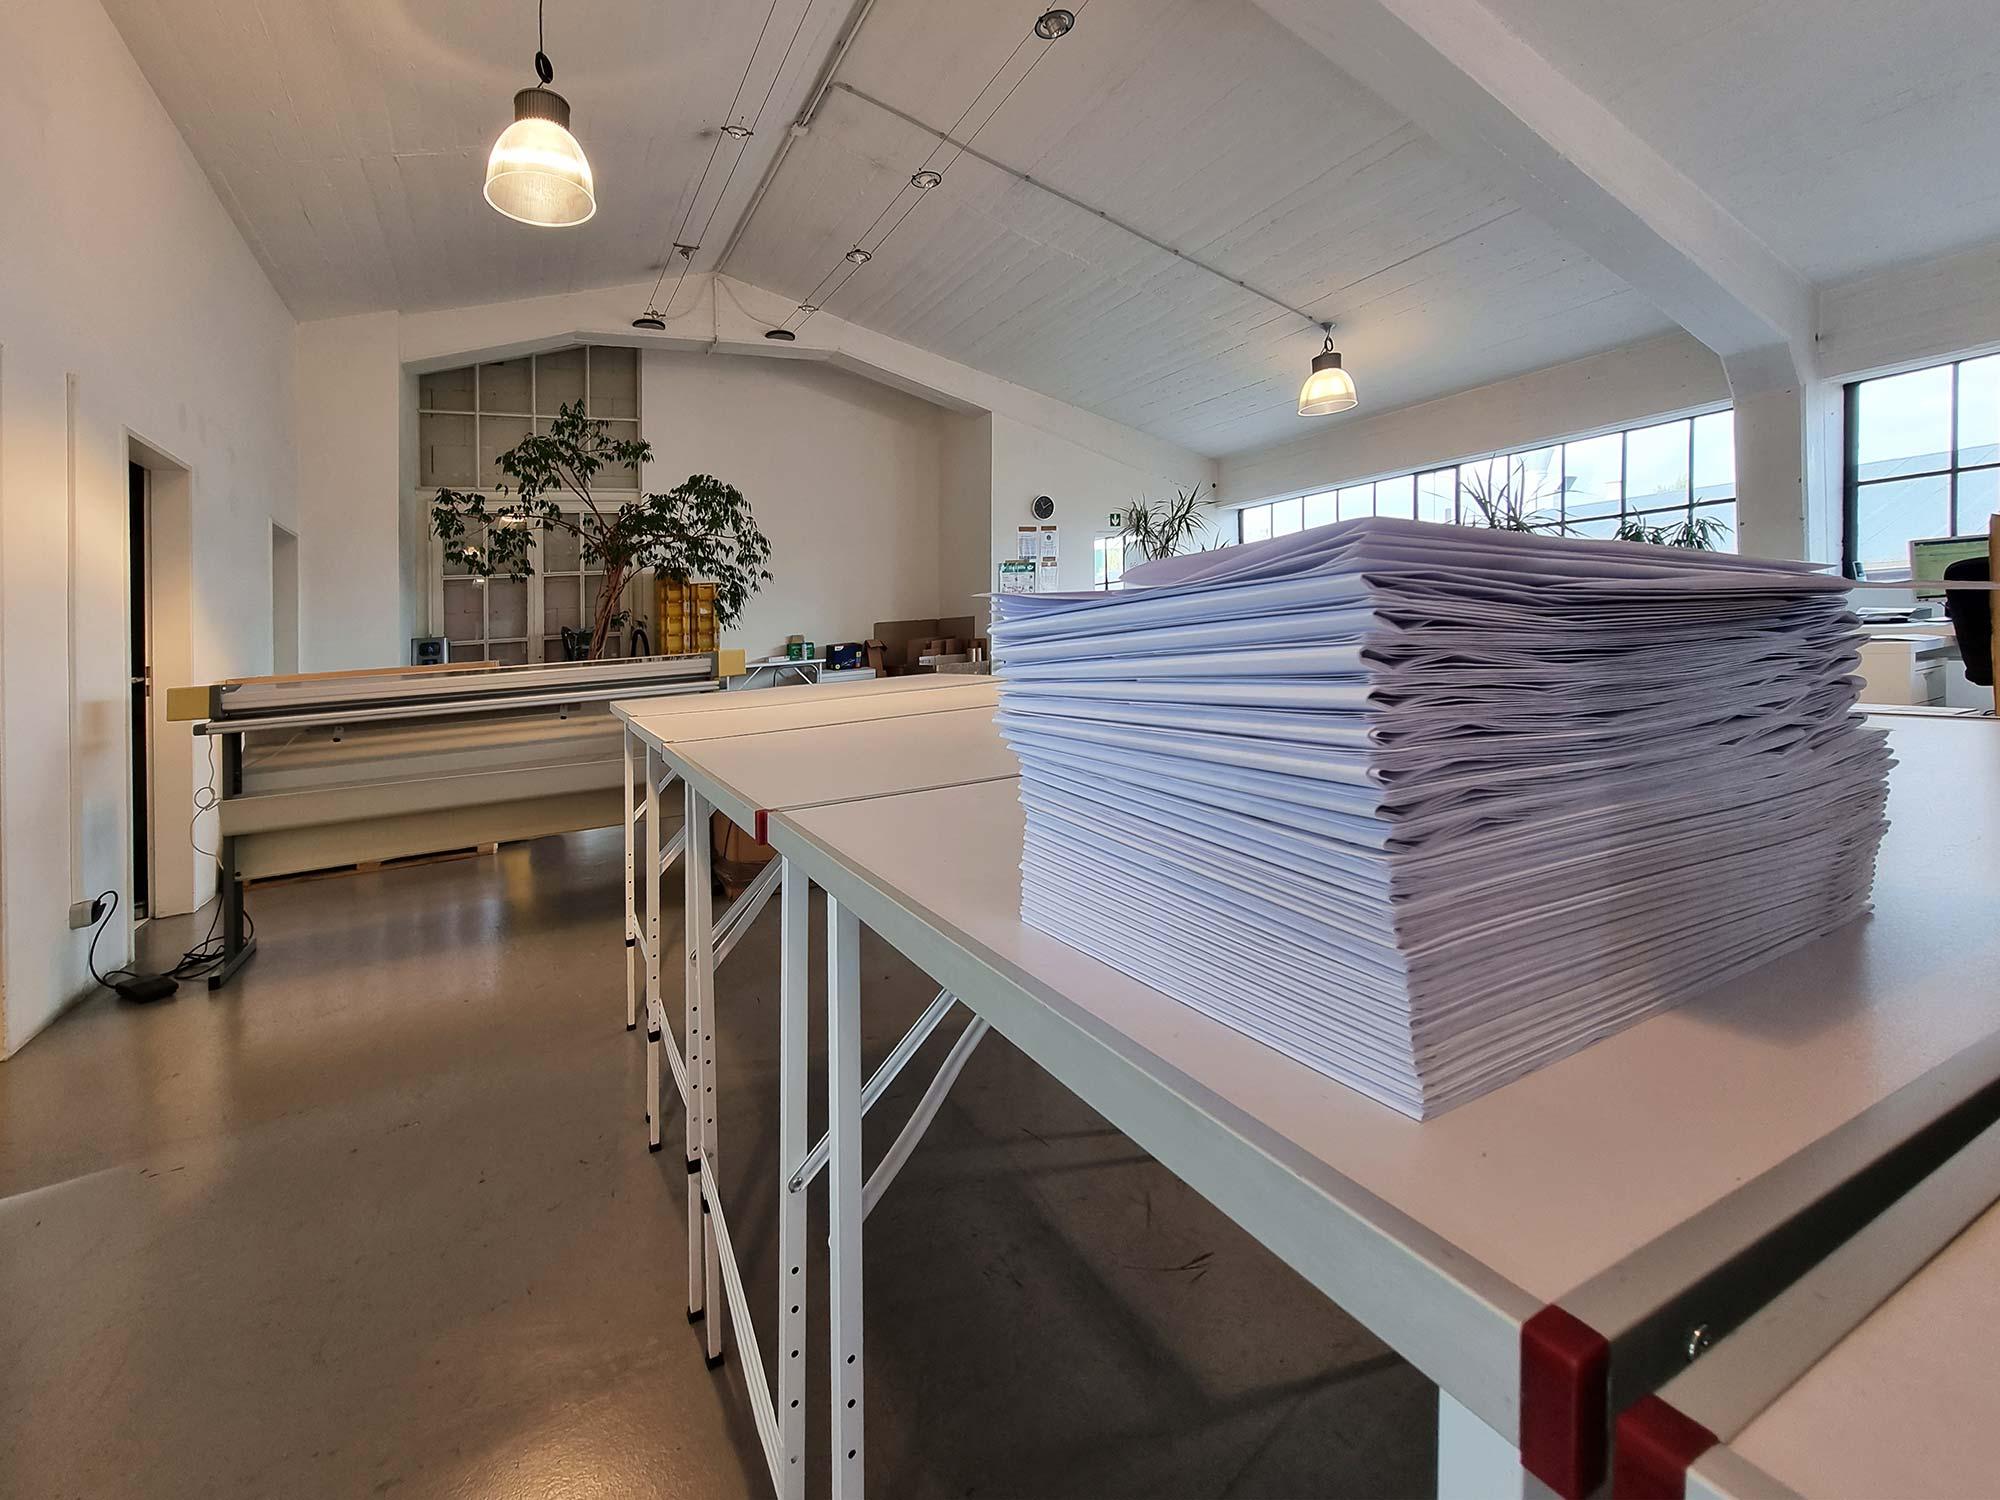 Großformate drucken und falzen - Frankfurt Digitaldruck - Große Pläne ausdrucken FFM